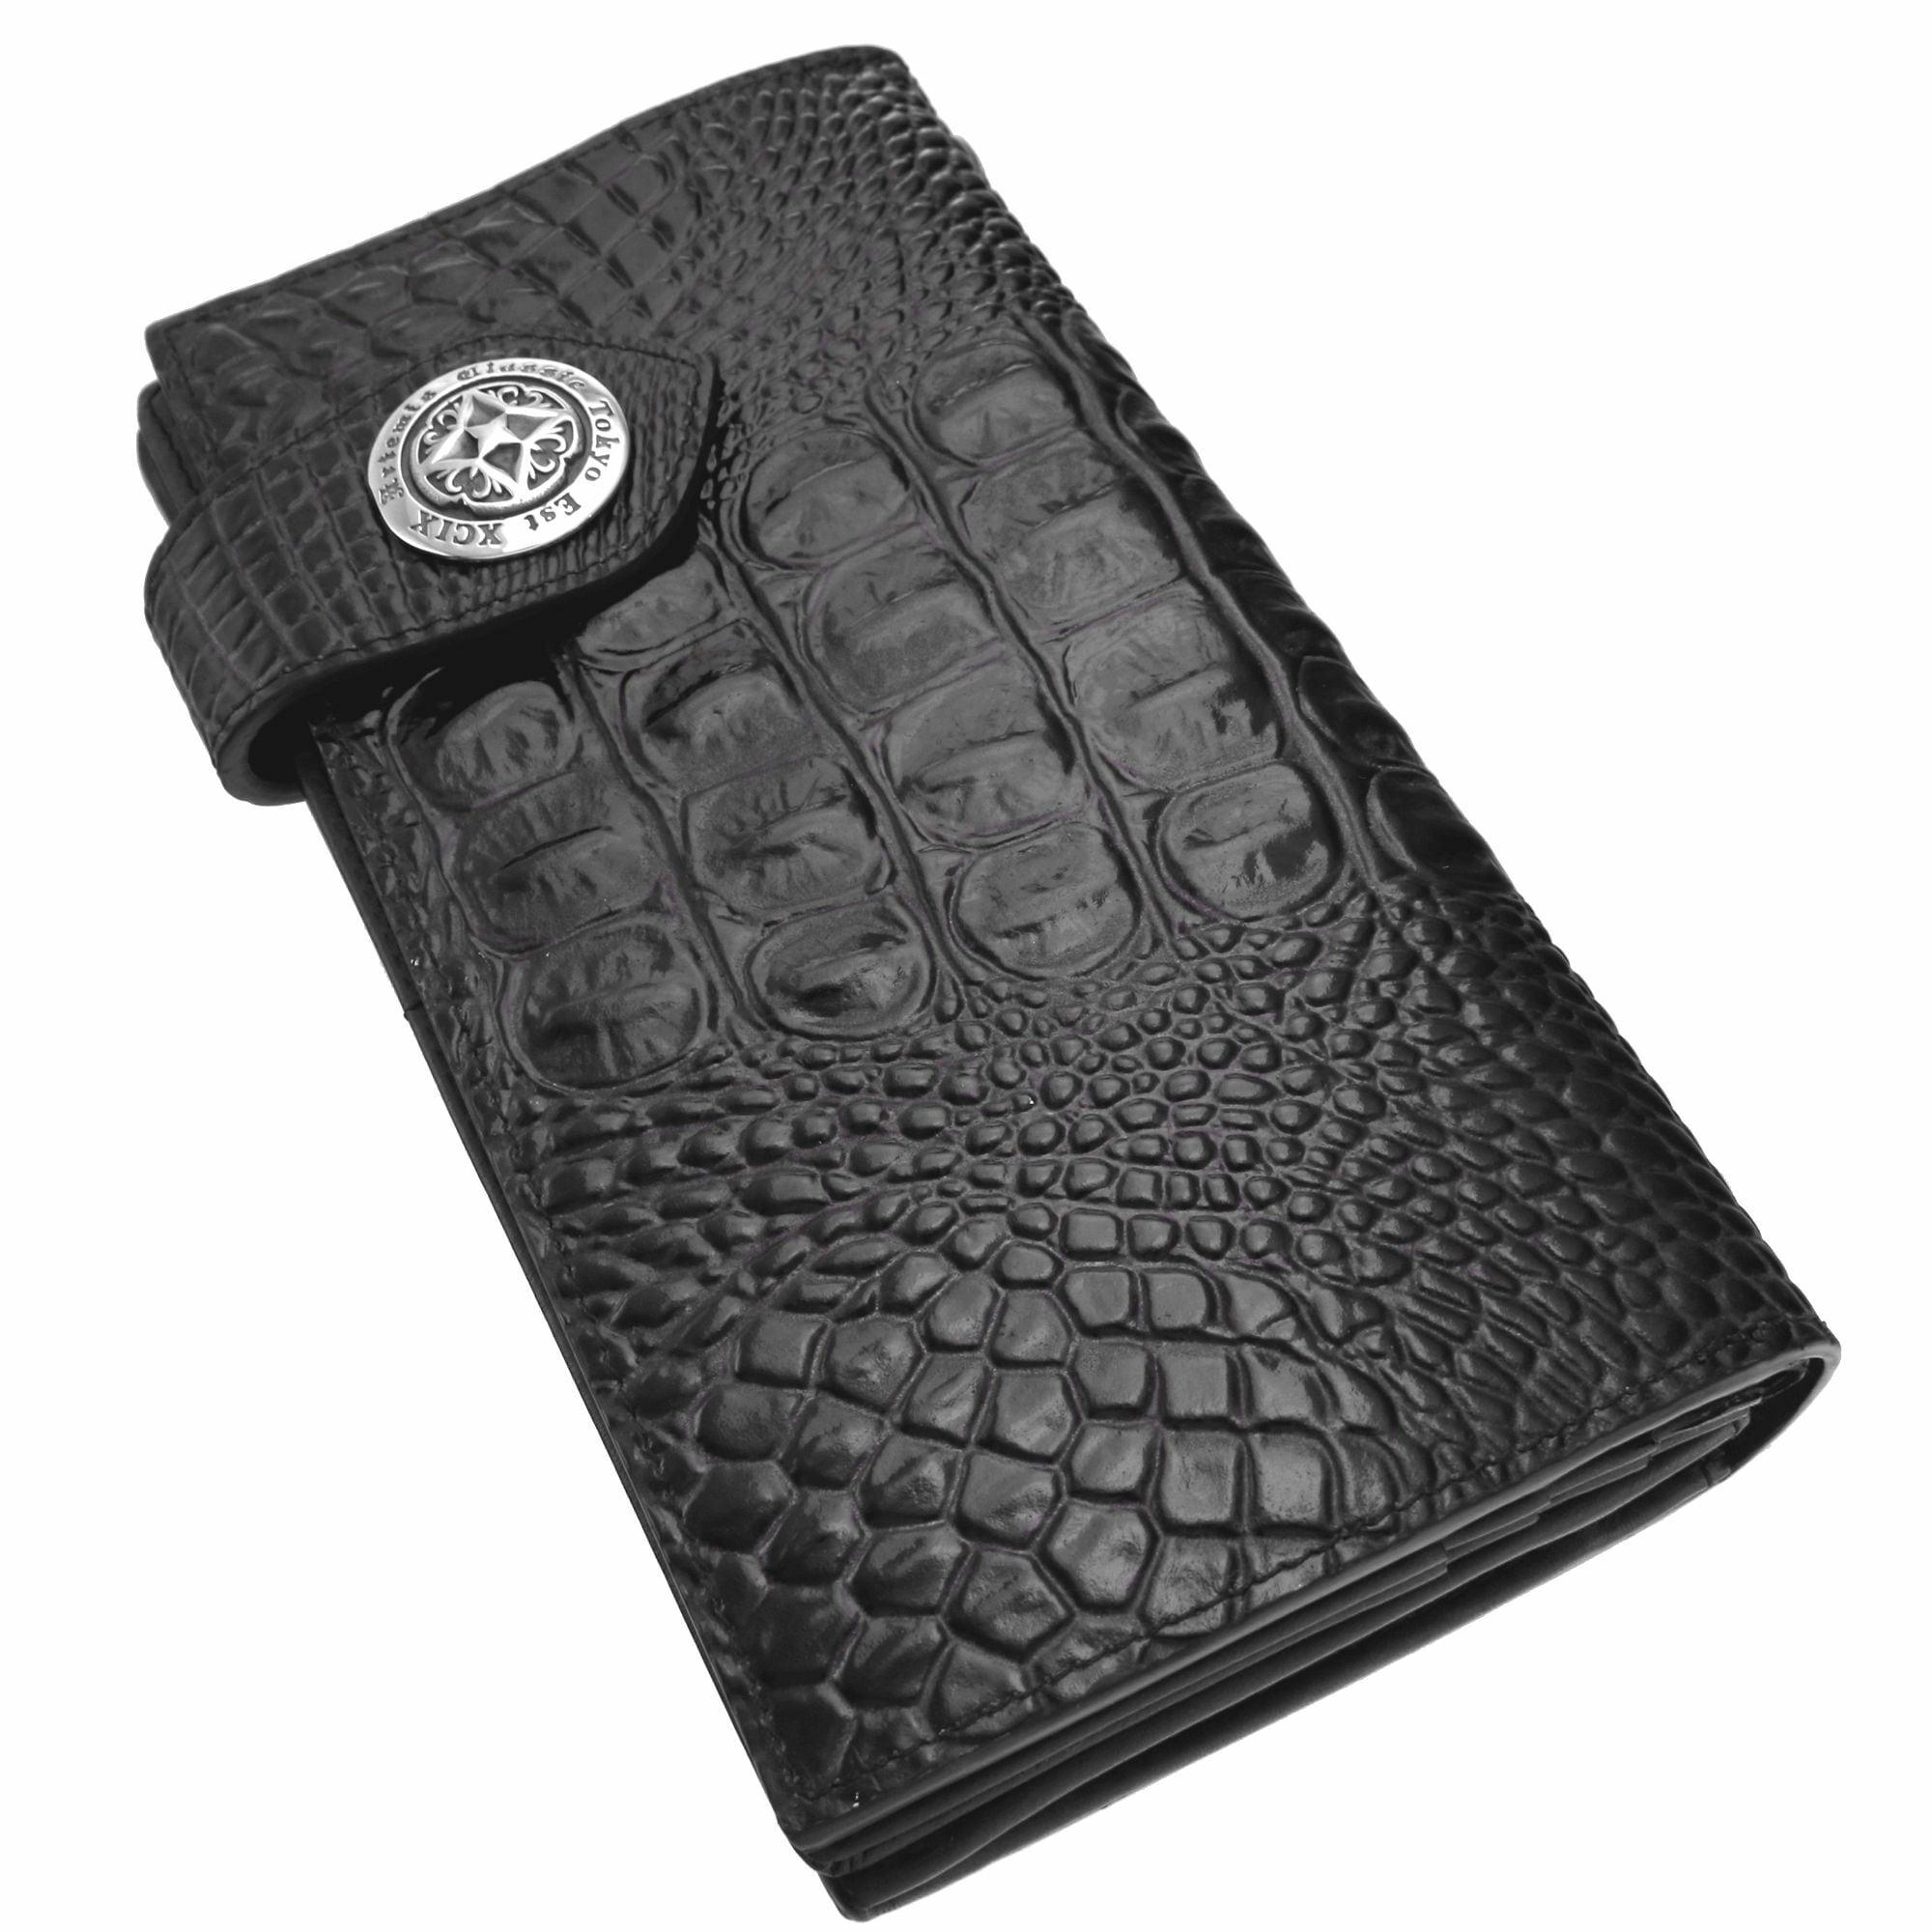 アンティークロングウォレット(クロコスタイルミッドナイトパープル) ACW0002 Antique long wallet (croco style midnight purple)